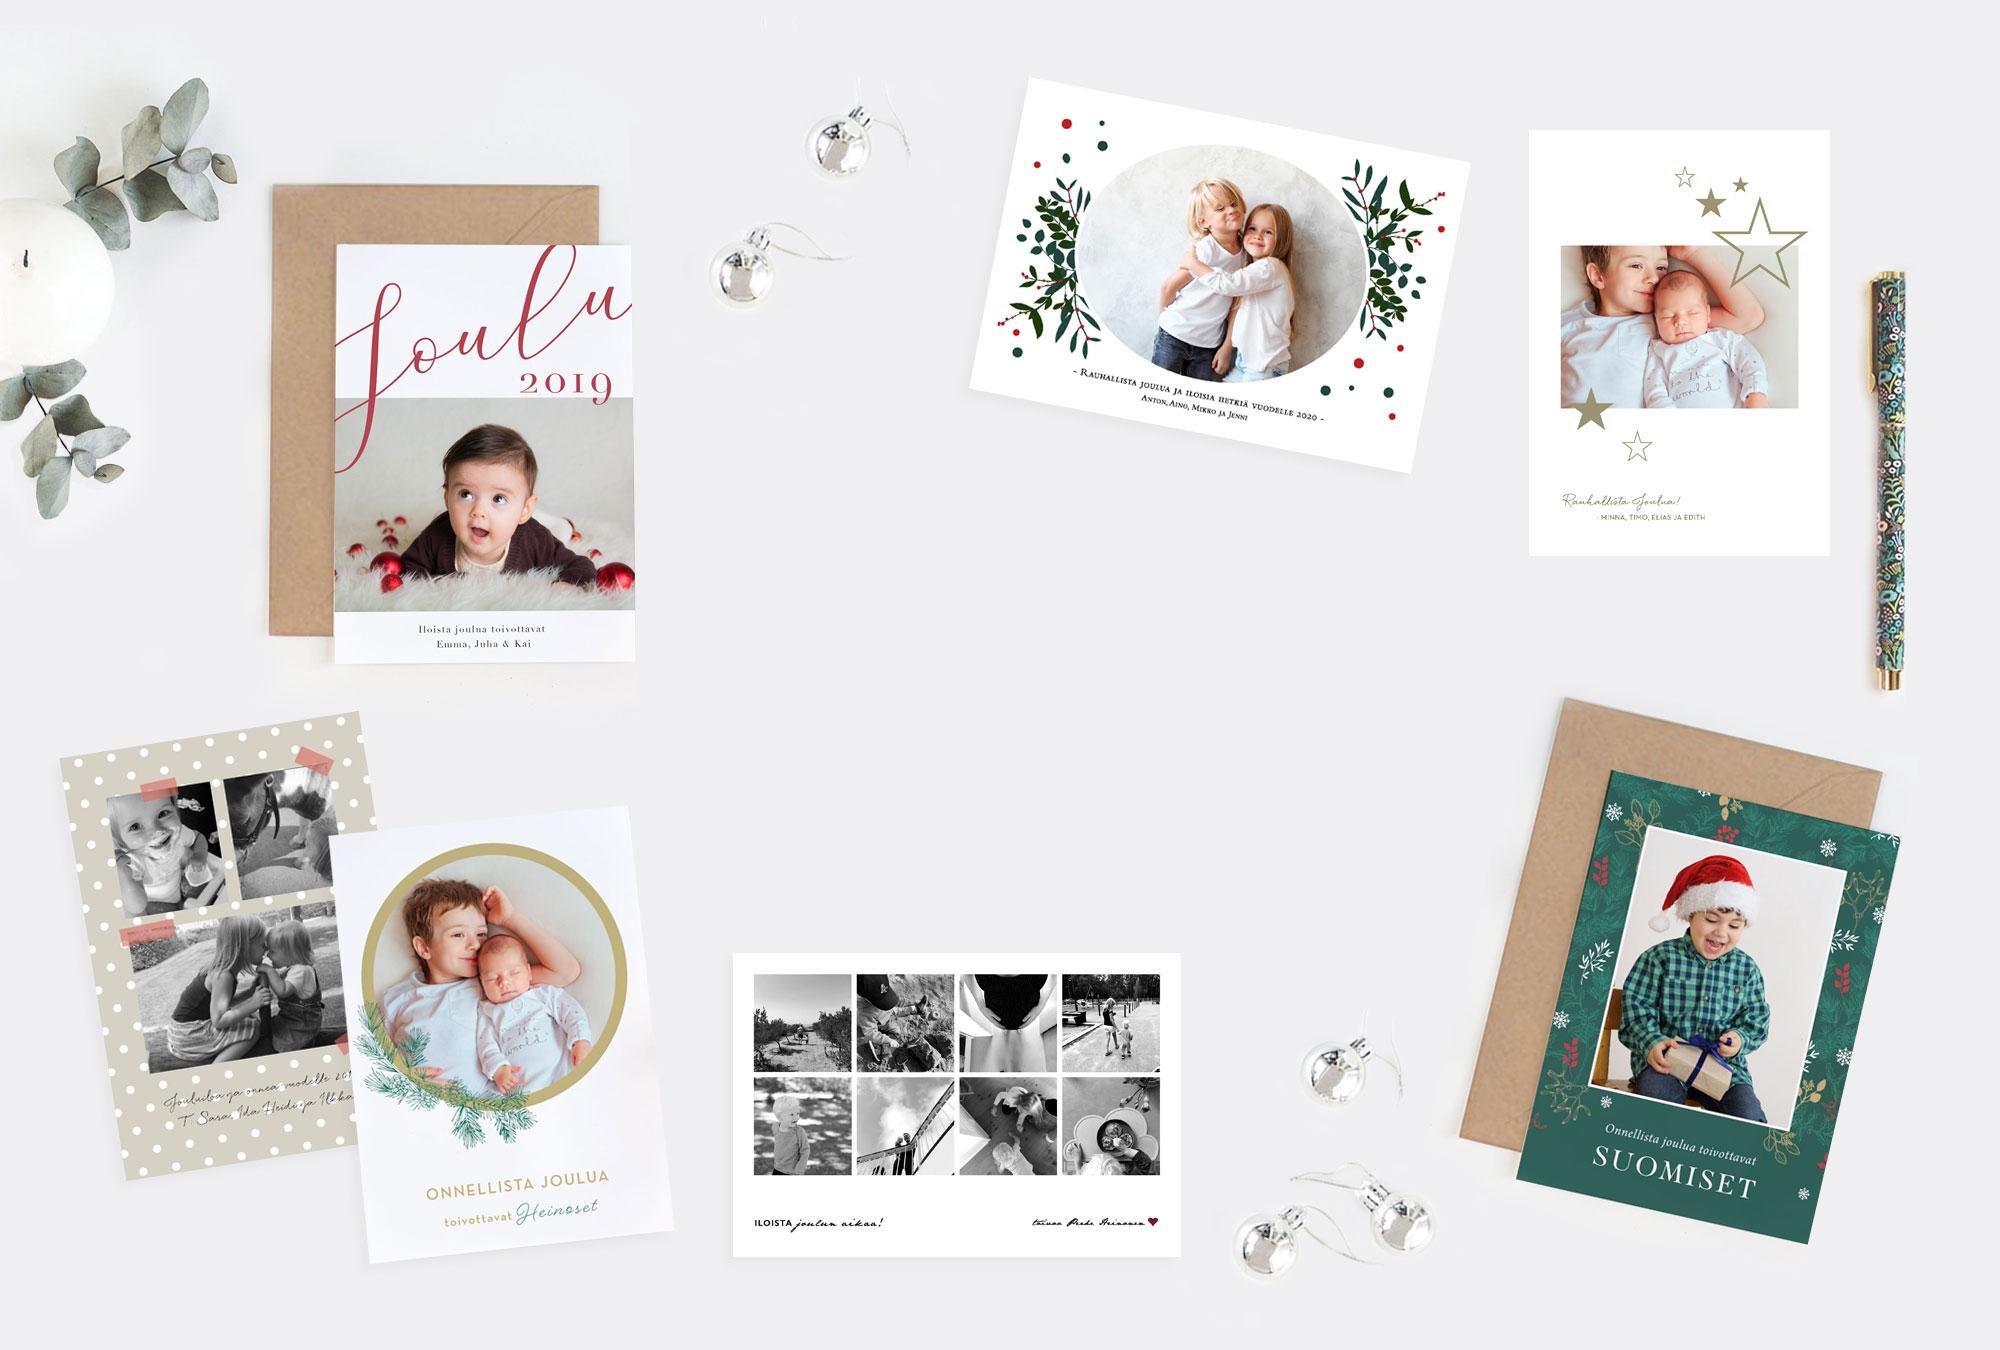 Papershop Painostudio Joulukortit omalla valokuvalla